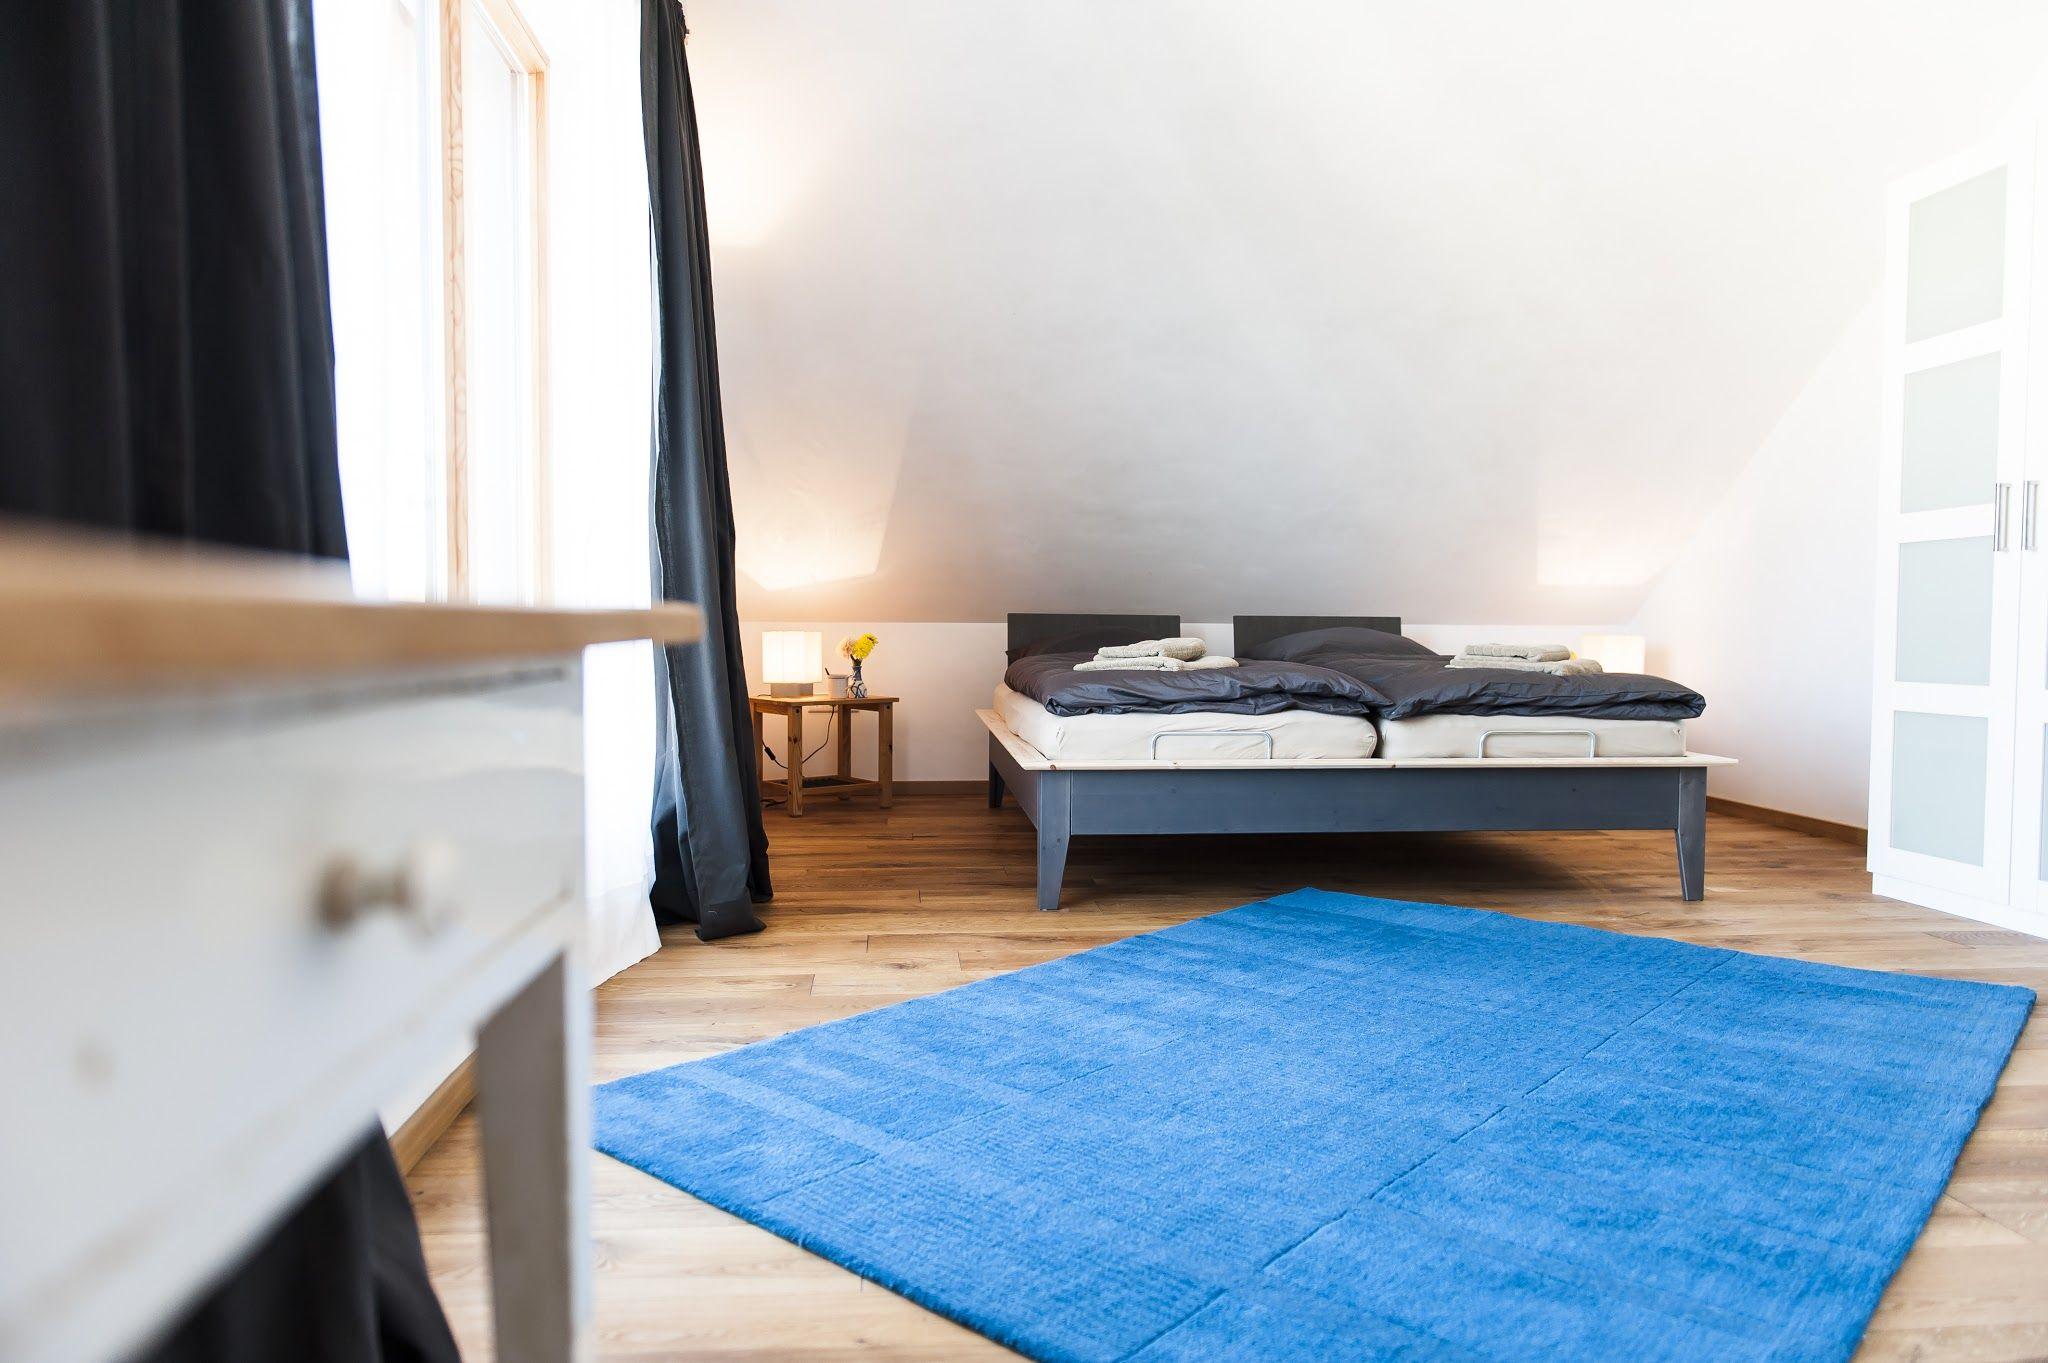 Westgiebelzimmer-aktuell ohne Teppich